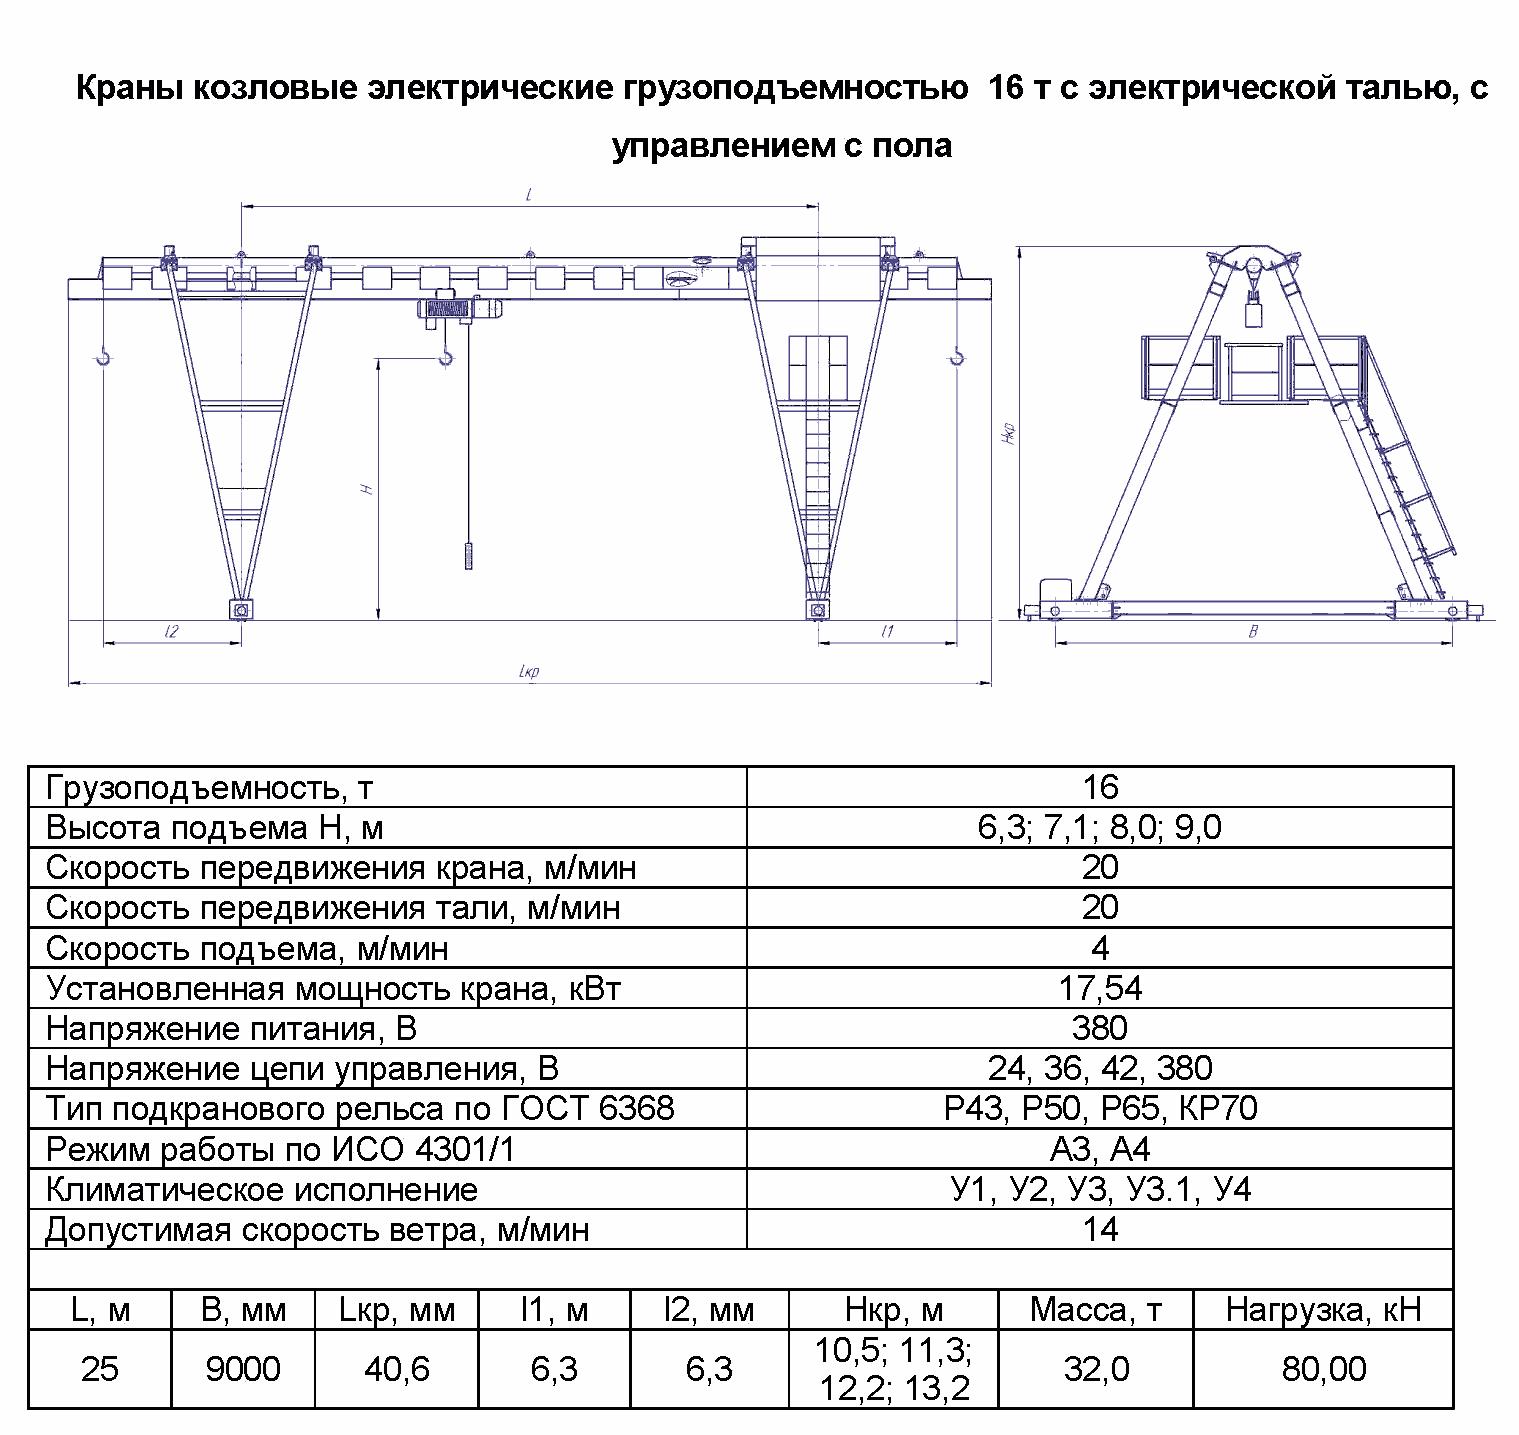 KKO 16 250 - Кран козловой электрический однобалочный